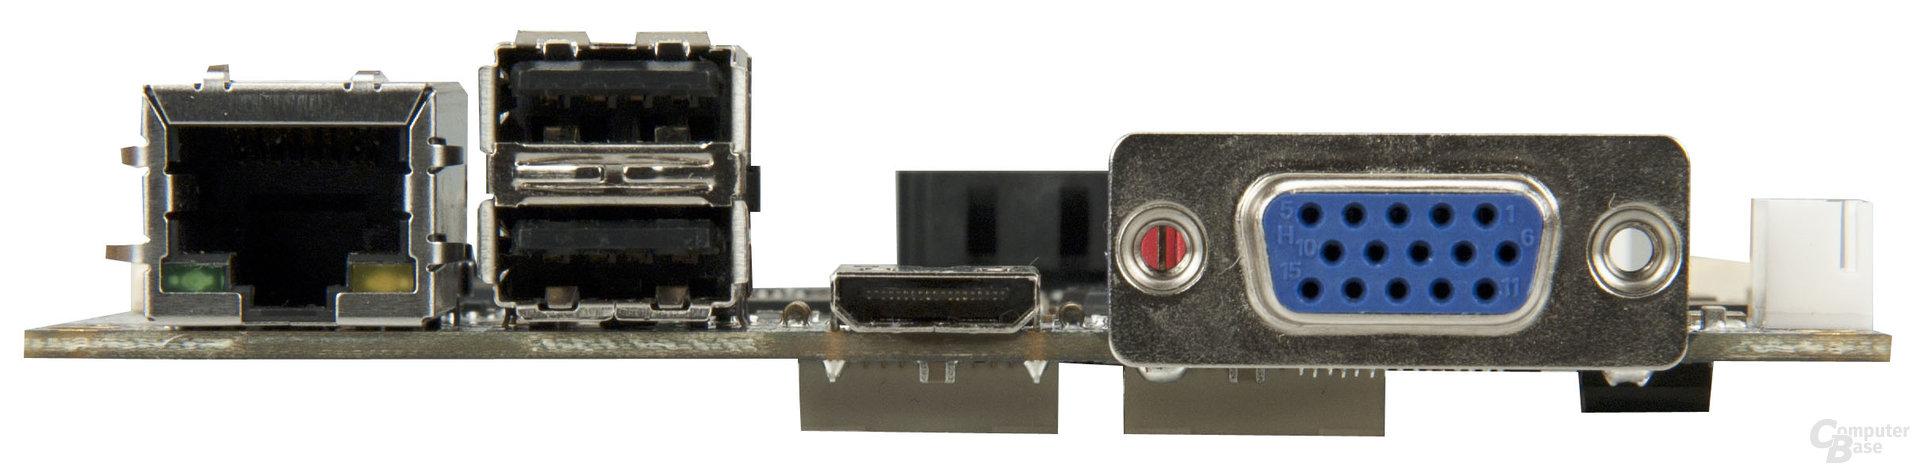 VIA VAB-800